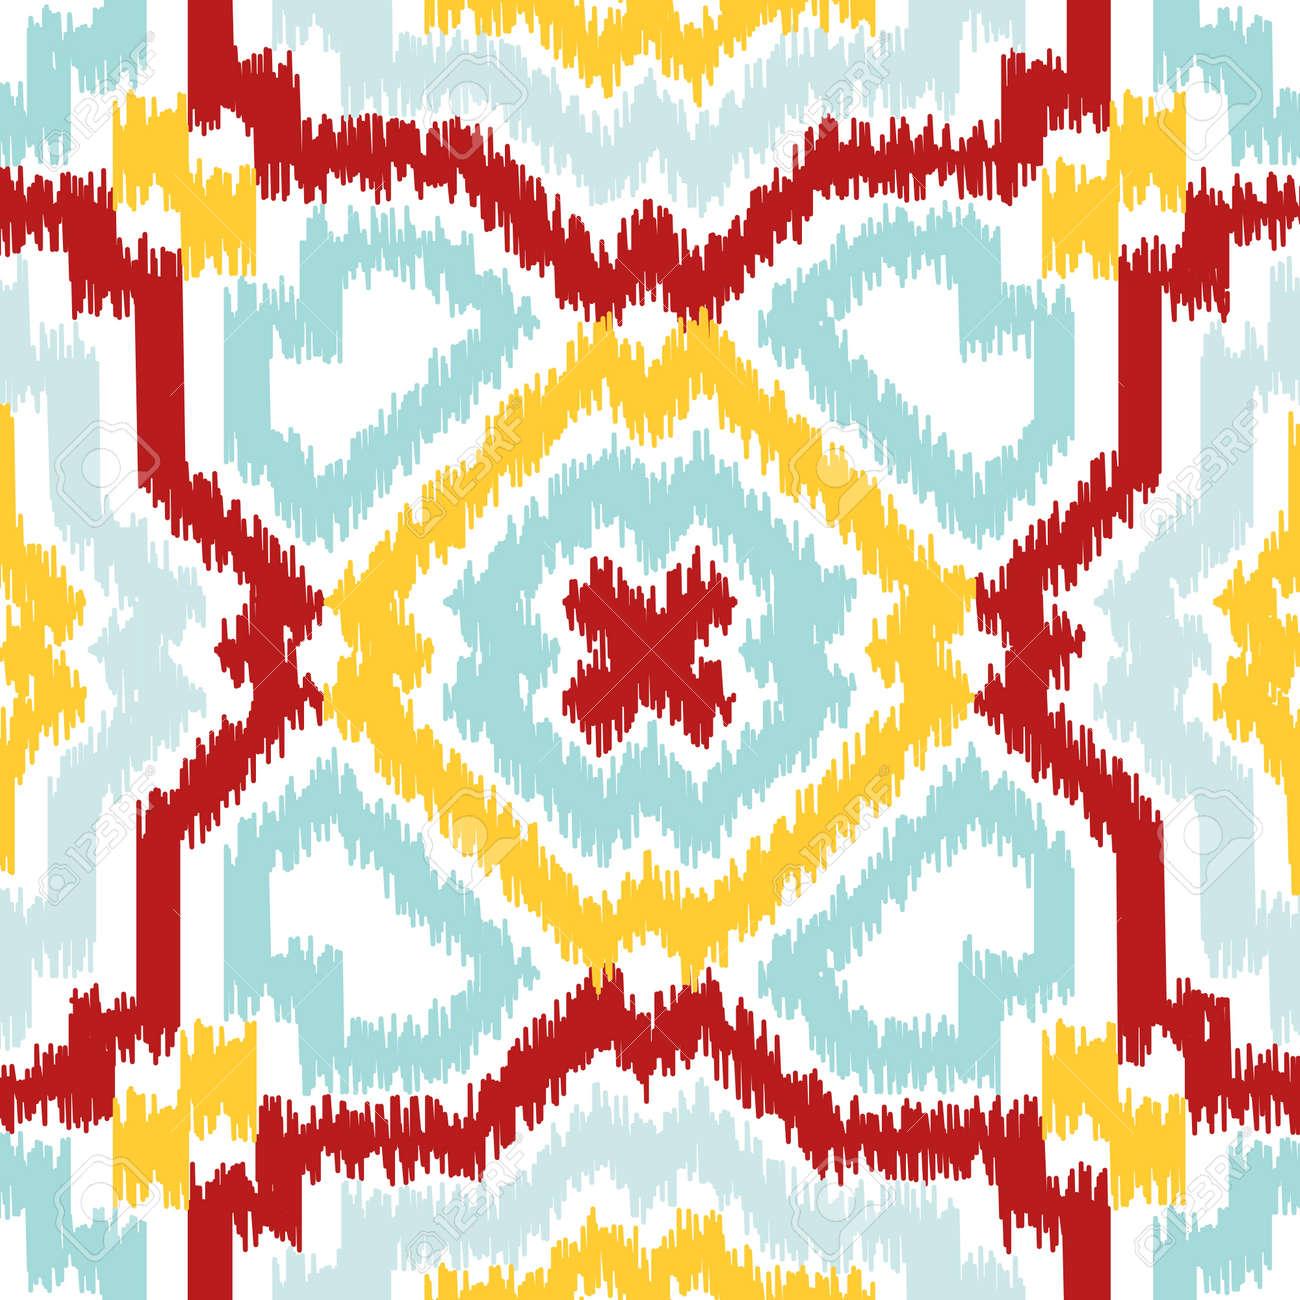 Forme Geometrique Transparente Basee Sur Le Style De Tissu Ikat